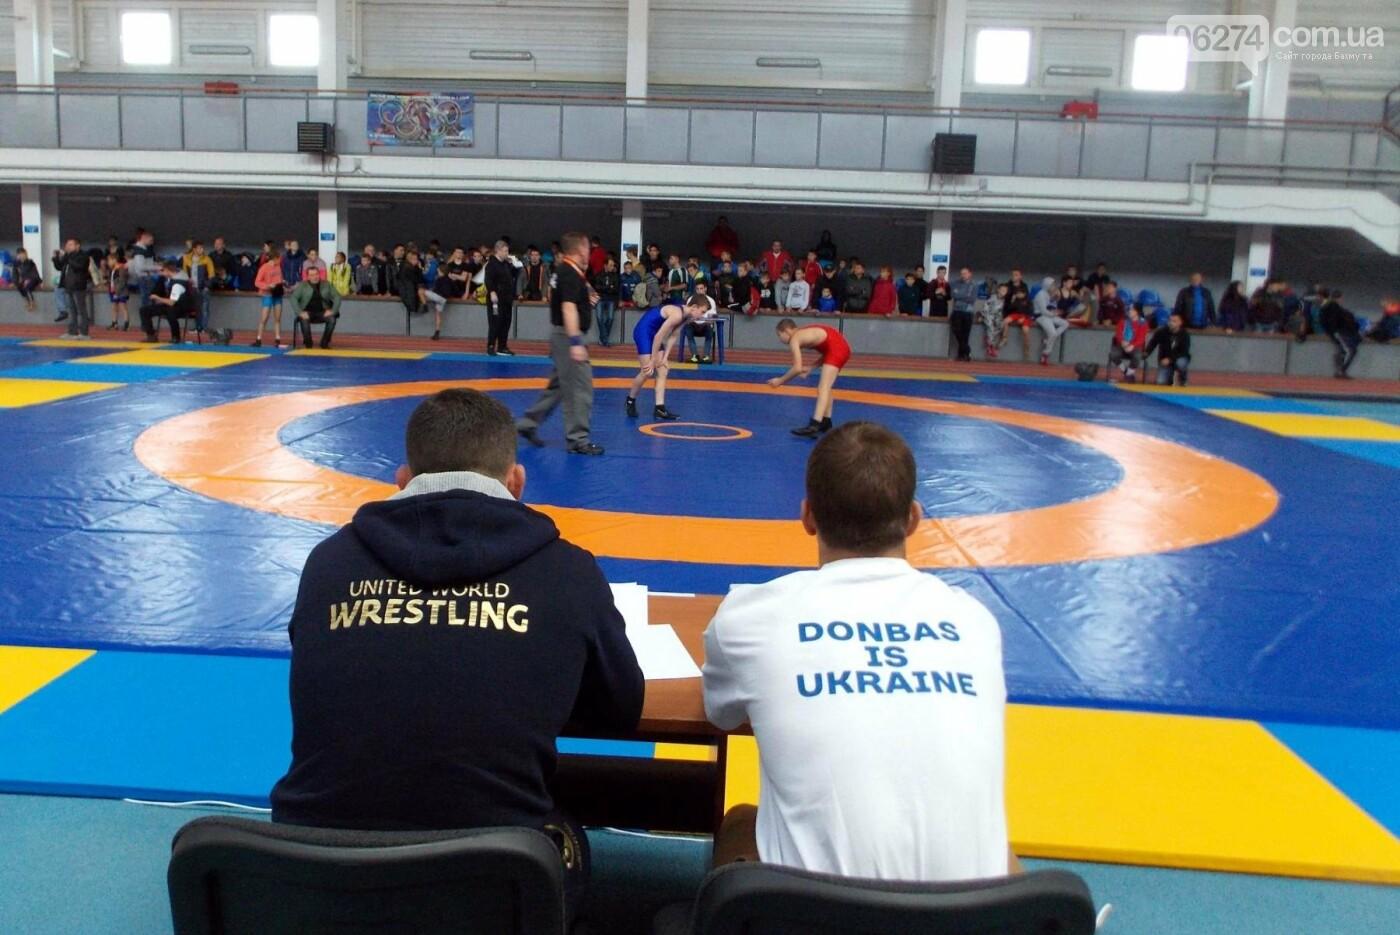 Областные соревнования по вольной борьбе в Бахмуте стали репетицией Чемпионата Украины, фото-3